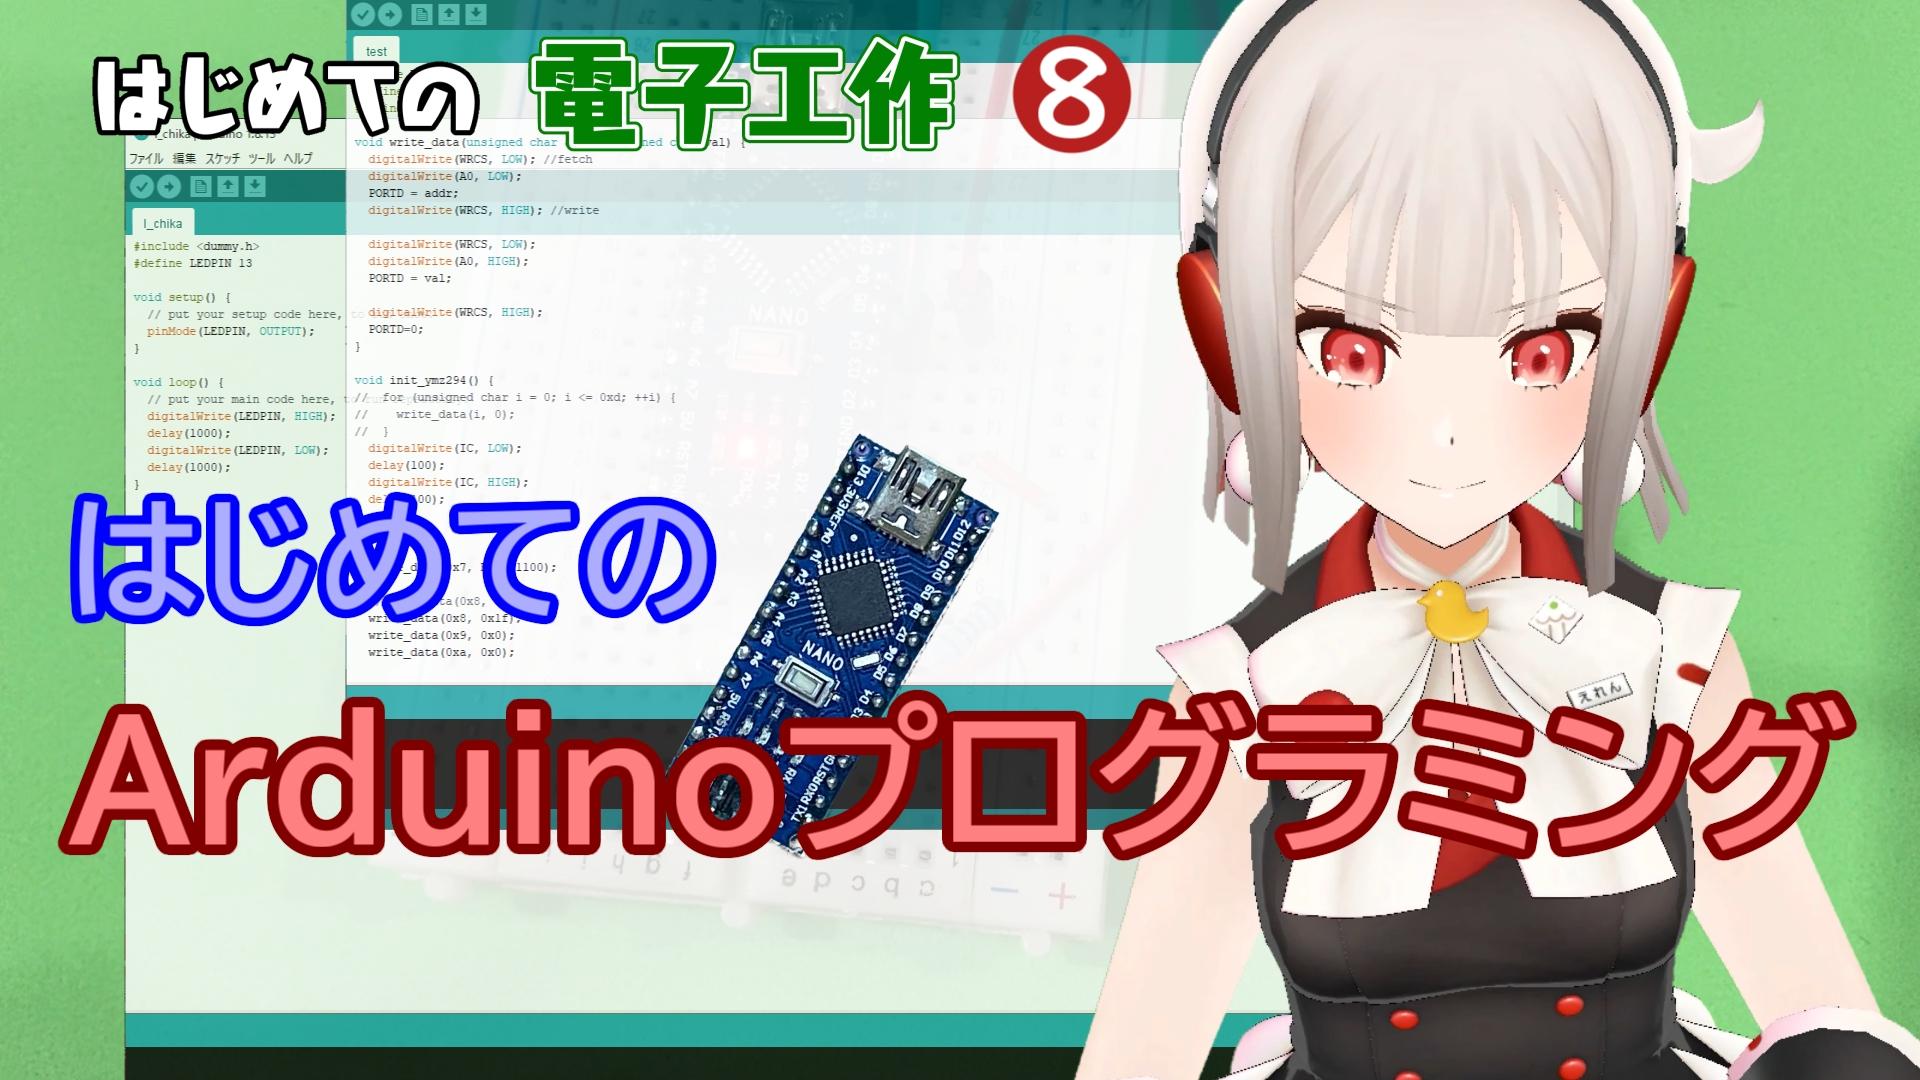 はじめてのArduinoプログラミングを公開